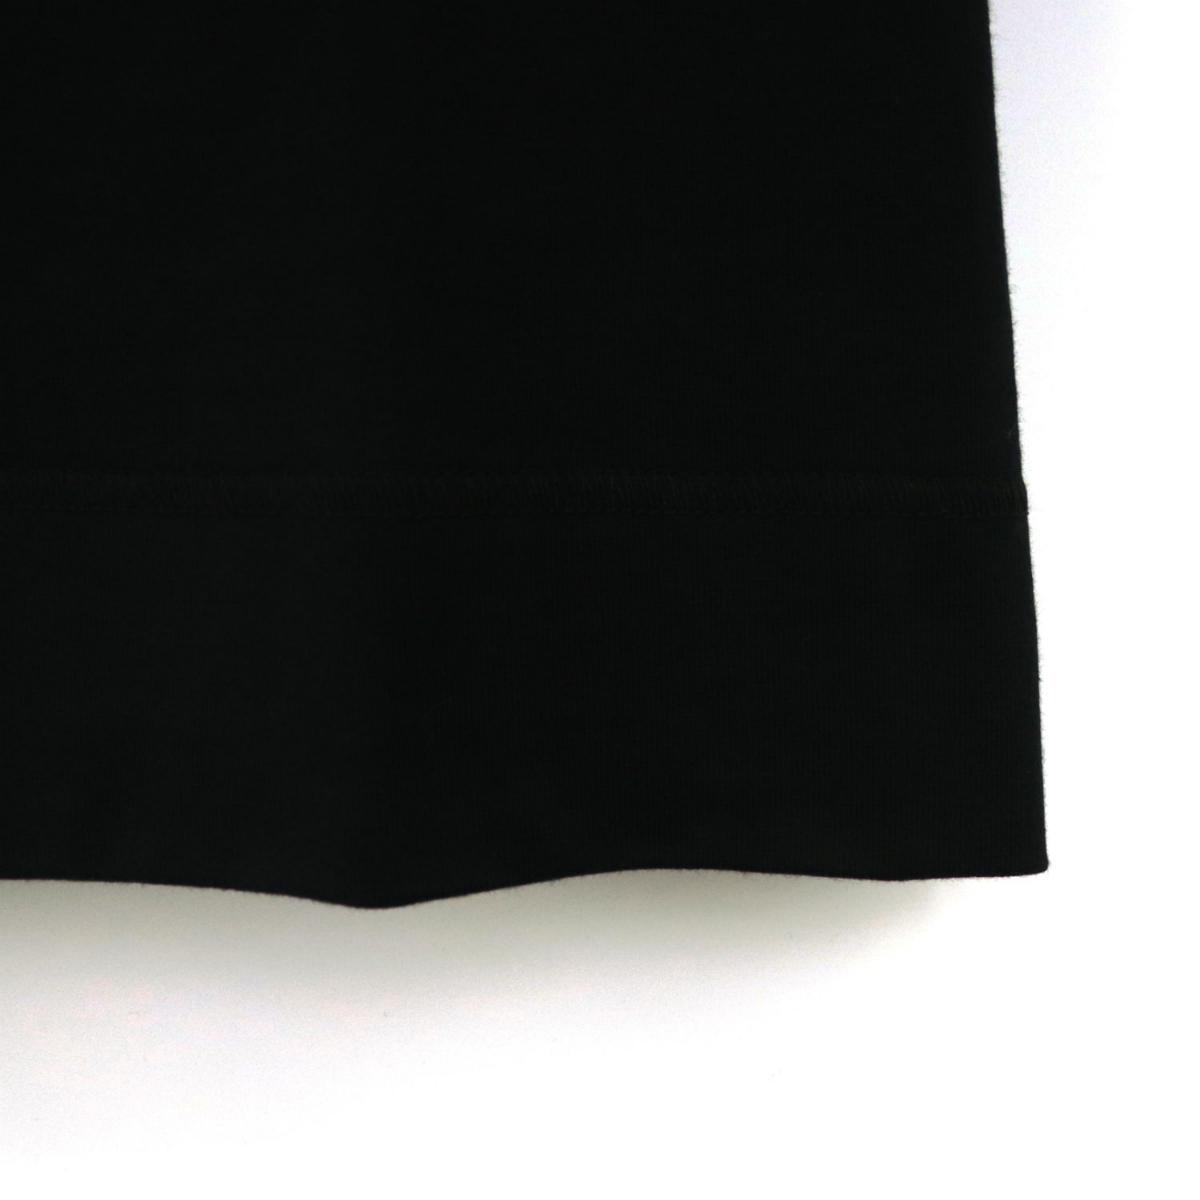 スウィープ!! ロサンゼルス SWEEP!! LosAngeles メンズ コットン 半袖 クルーネックTシャツ BASIC T SHIRTS SL160001 BLACK(ブラック)春夏新作